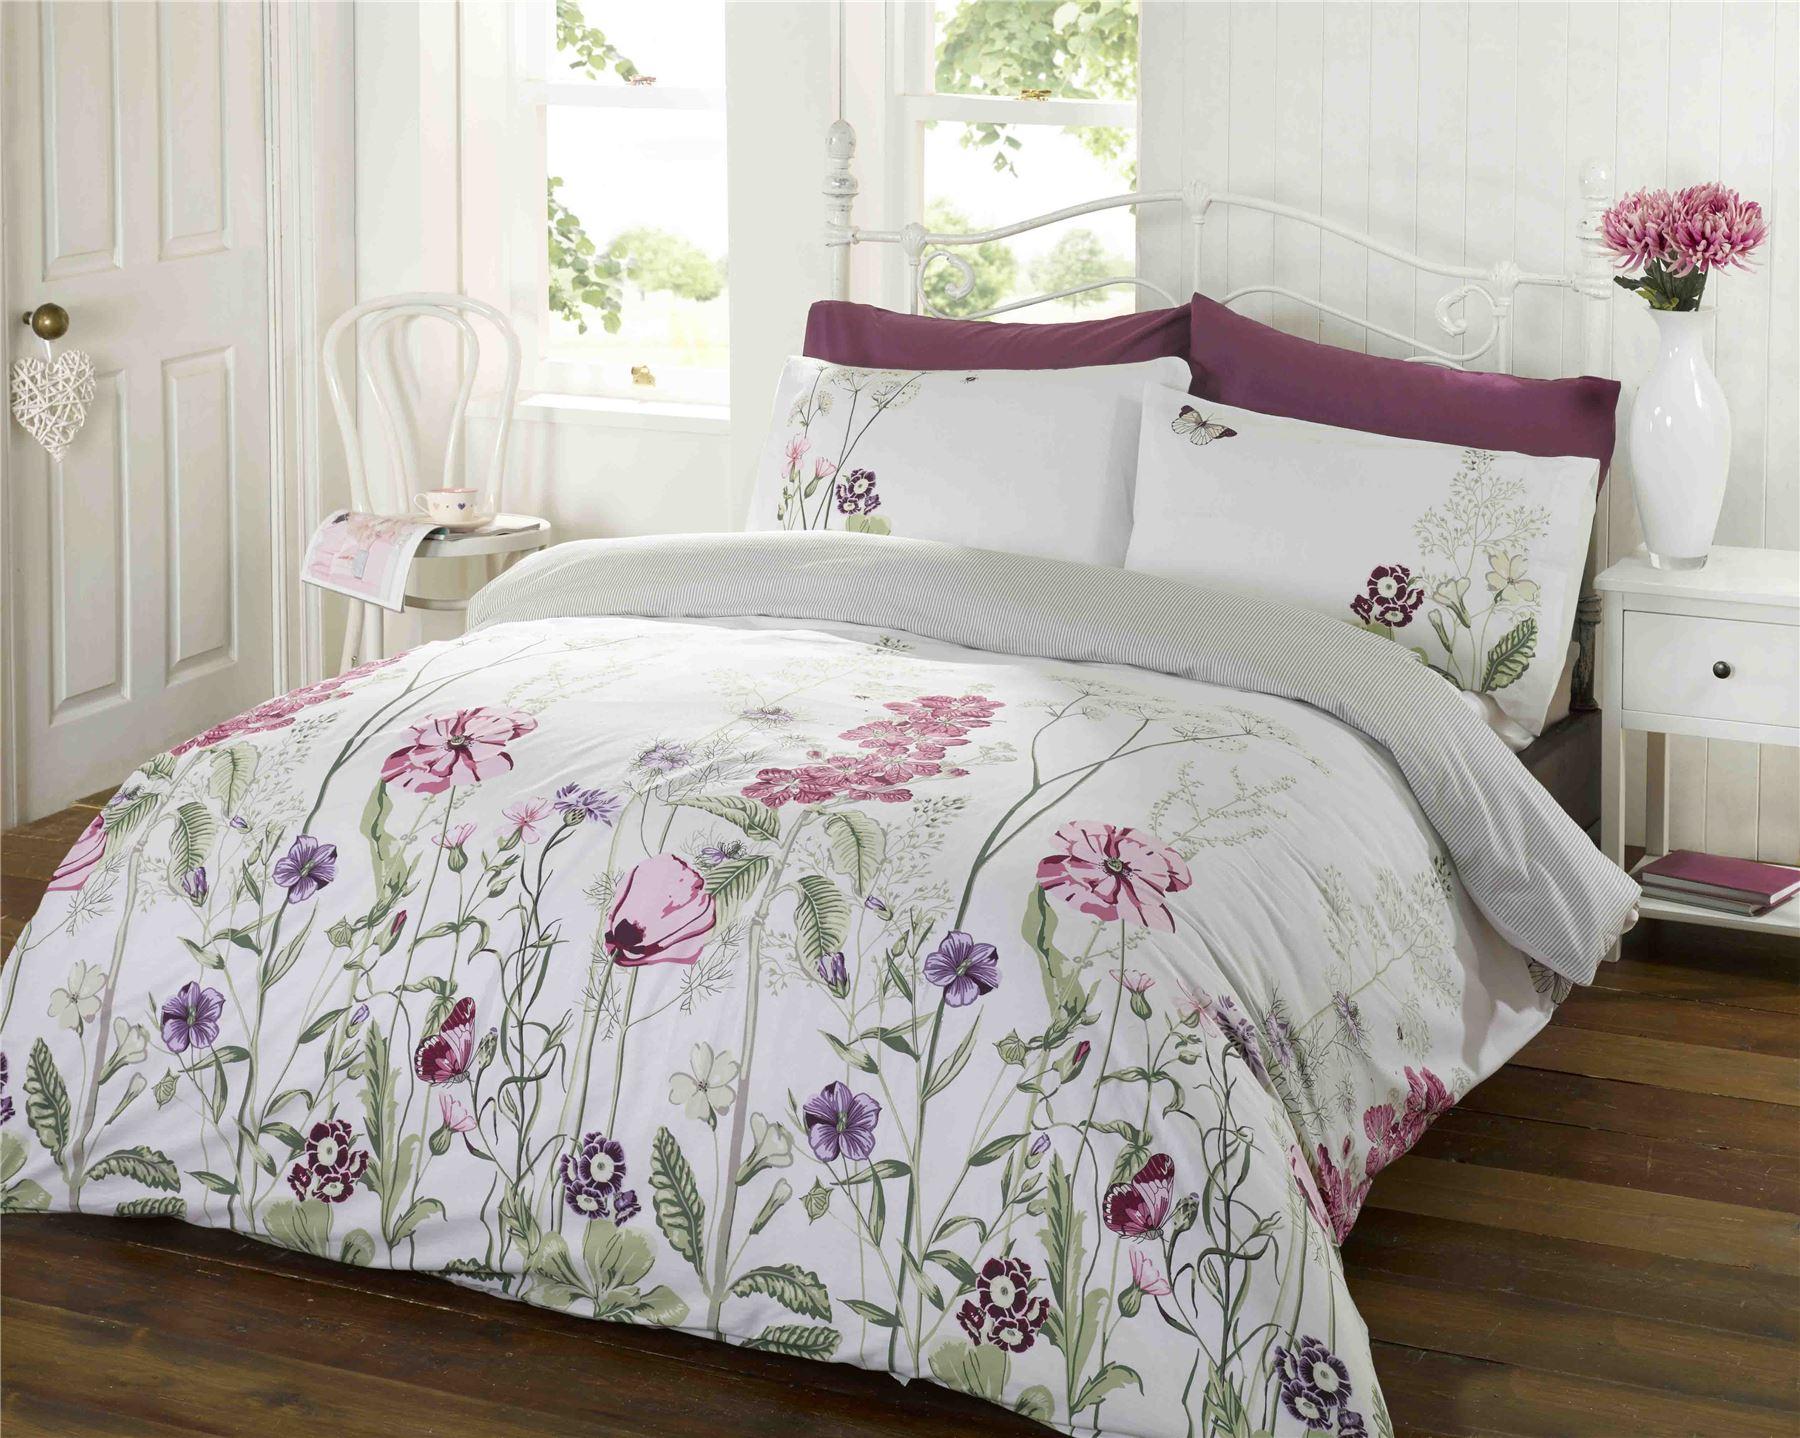 Memoirs rosa natur hell floral bl tter bettw sche garnitur - Ropa de cama para hosteleria ...